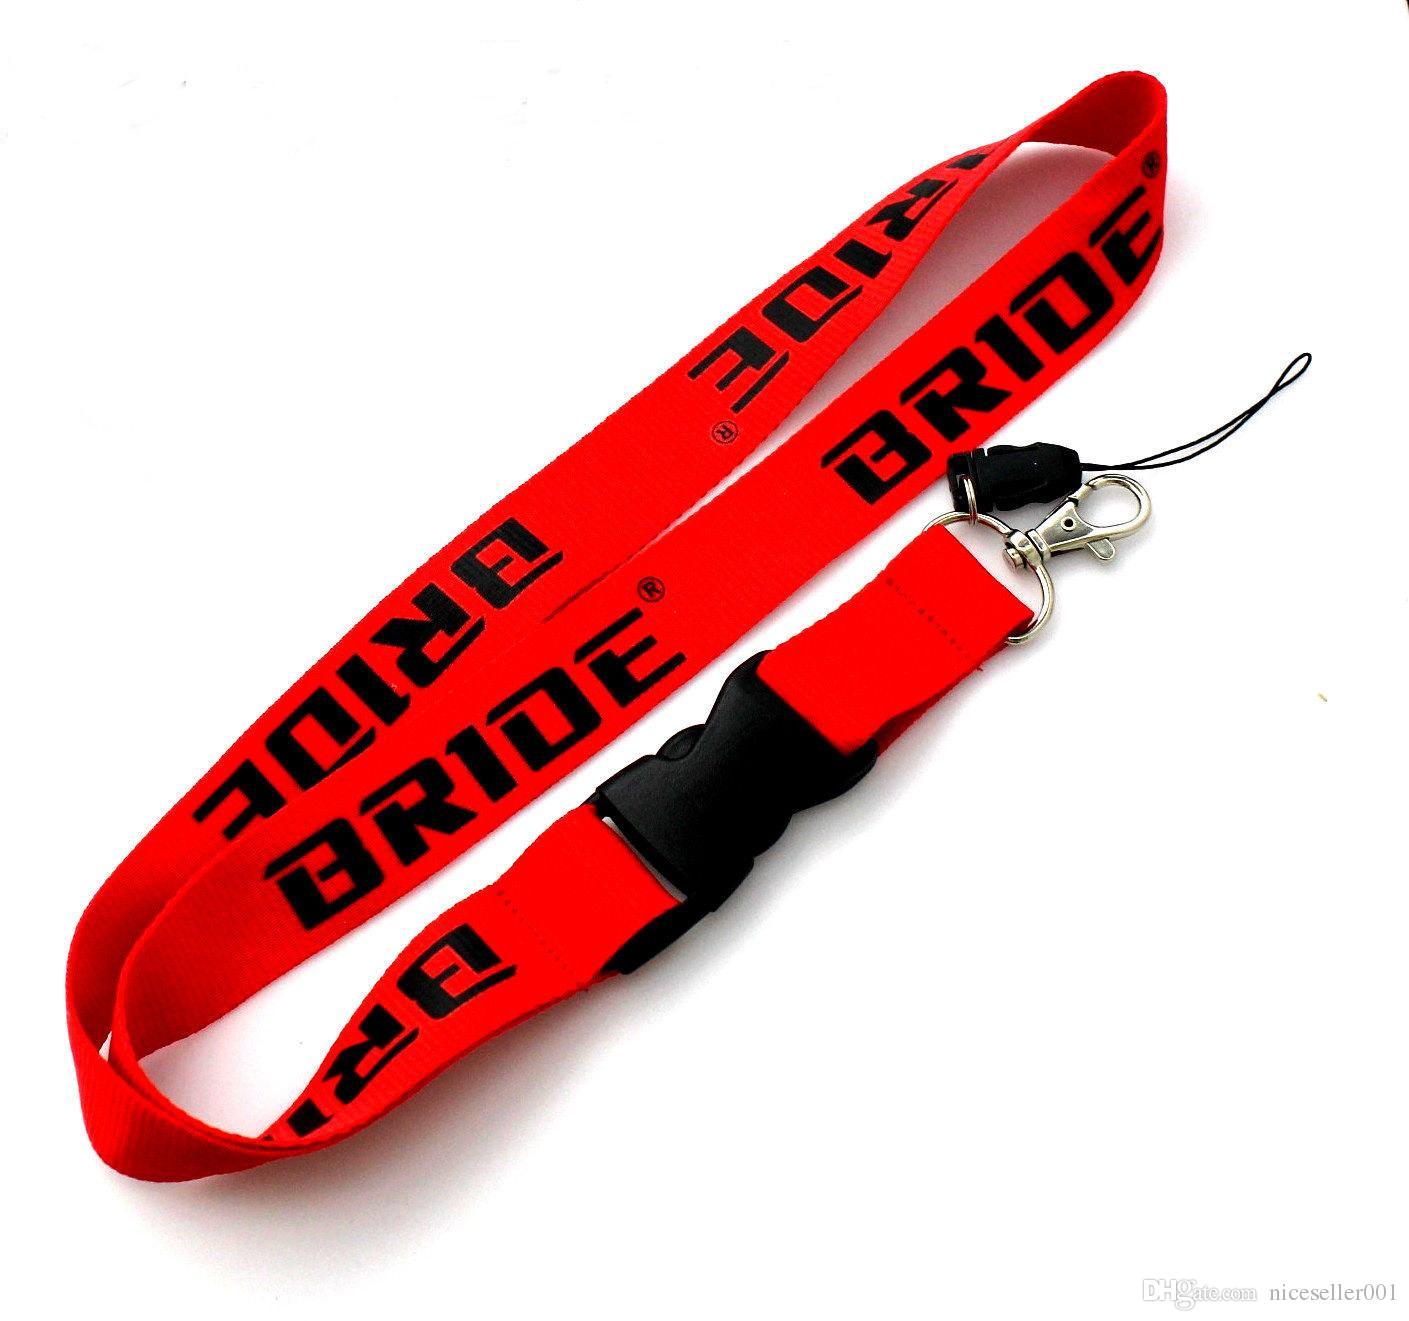 Gelin Kordon Jdm Anahtarlık Tutuşunu Honda Civic Type R S2000 Integra Dc5 Ek Toptan Siyah Kırmızı Mor Renkler Anahtarlık Araba Yeni